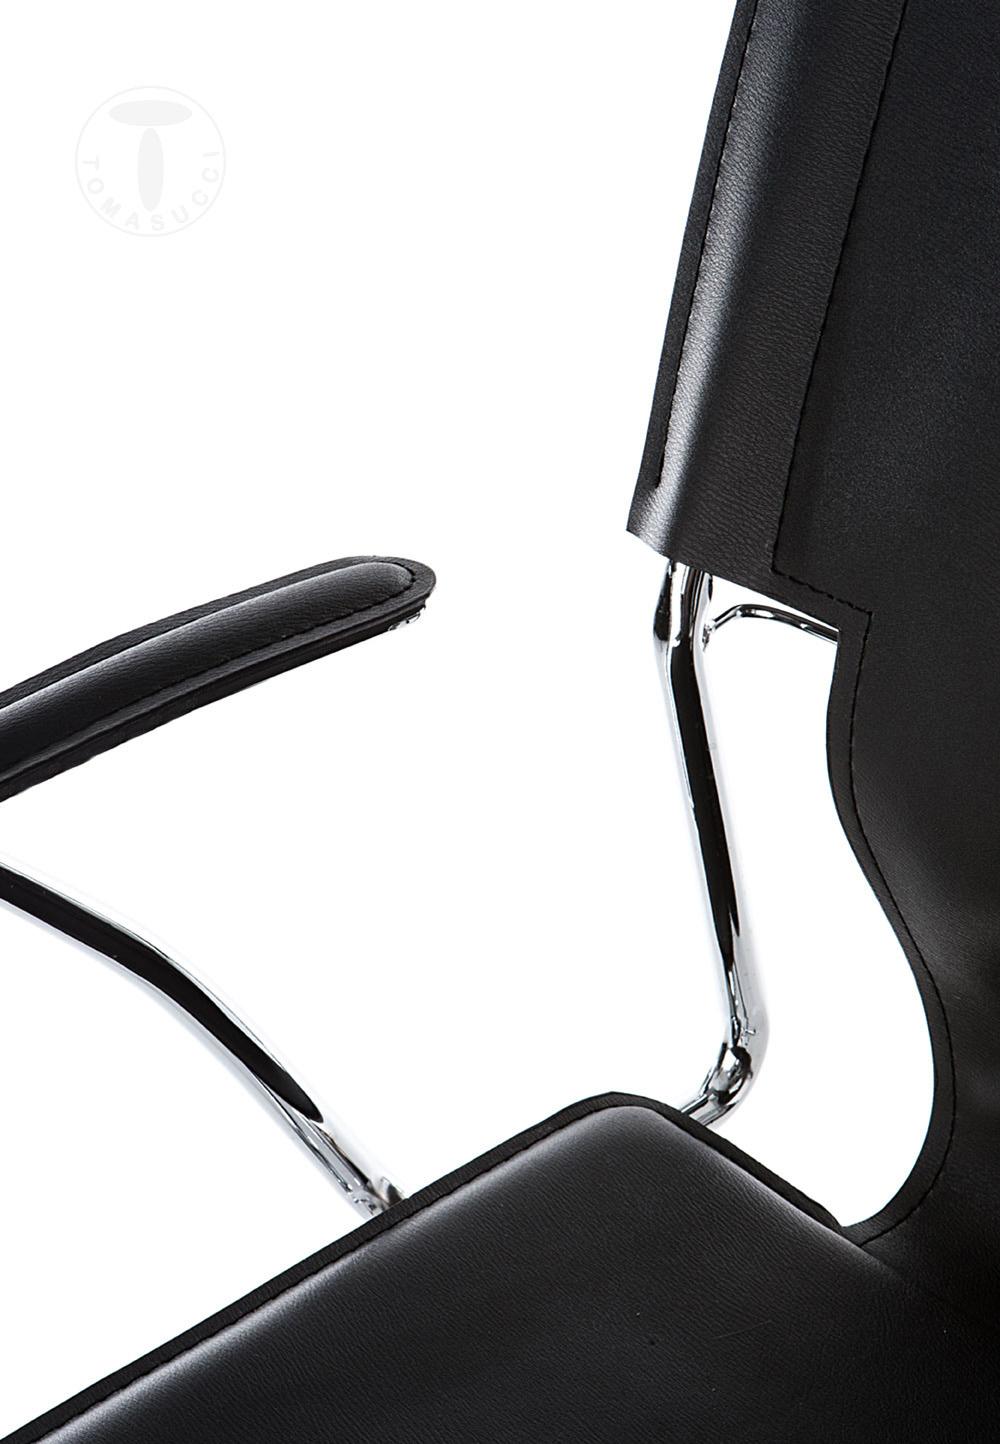 Sedie ufficio sedia da ufficio lynx black for Sedia ufficio black friday